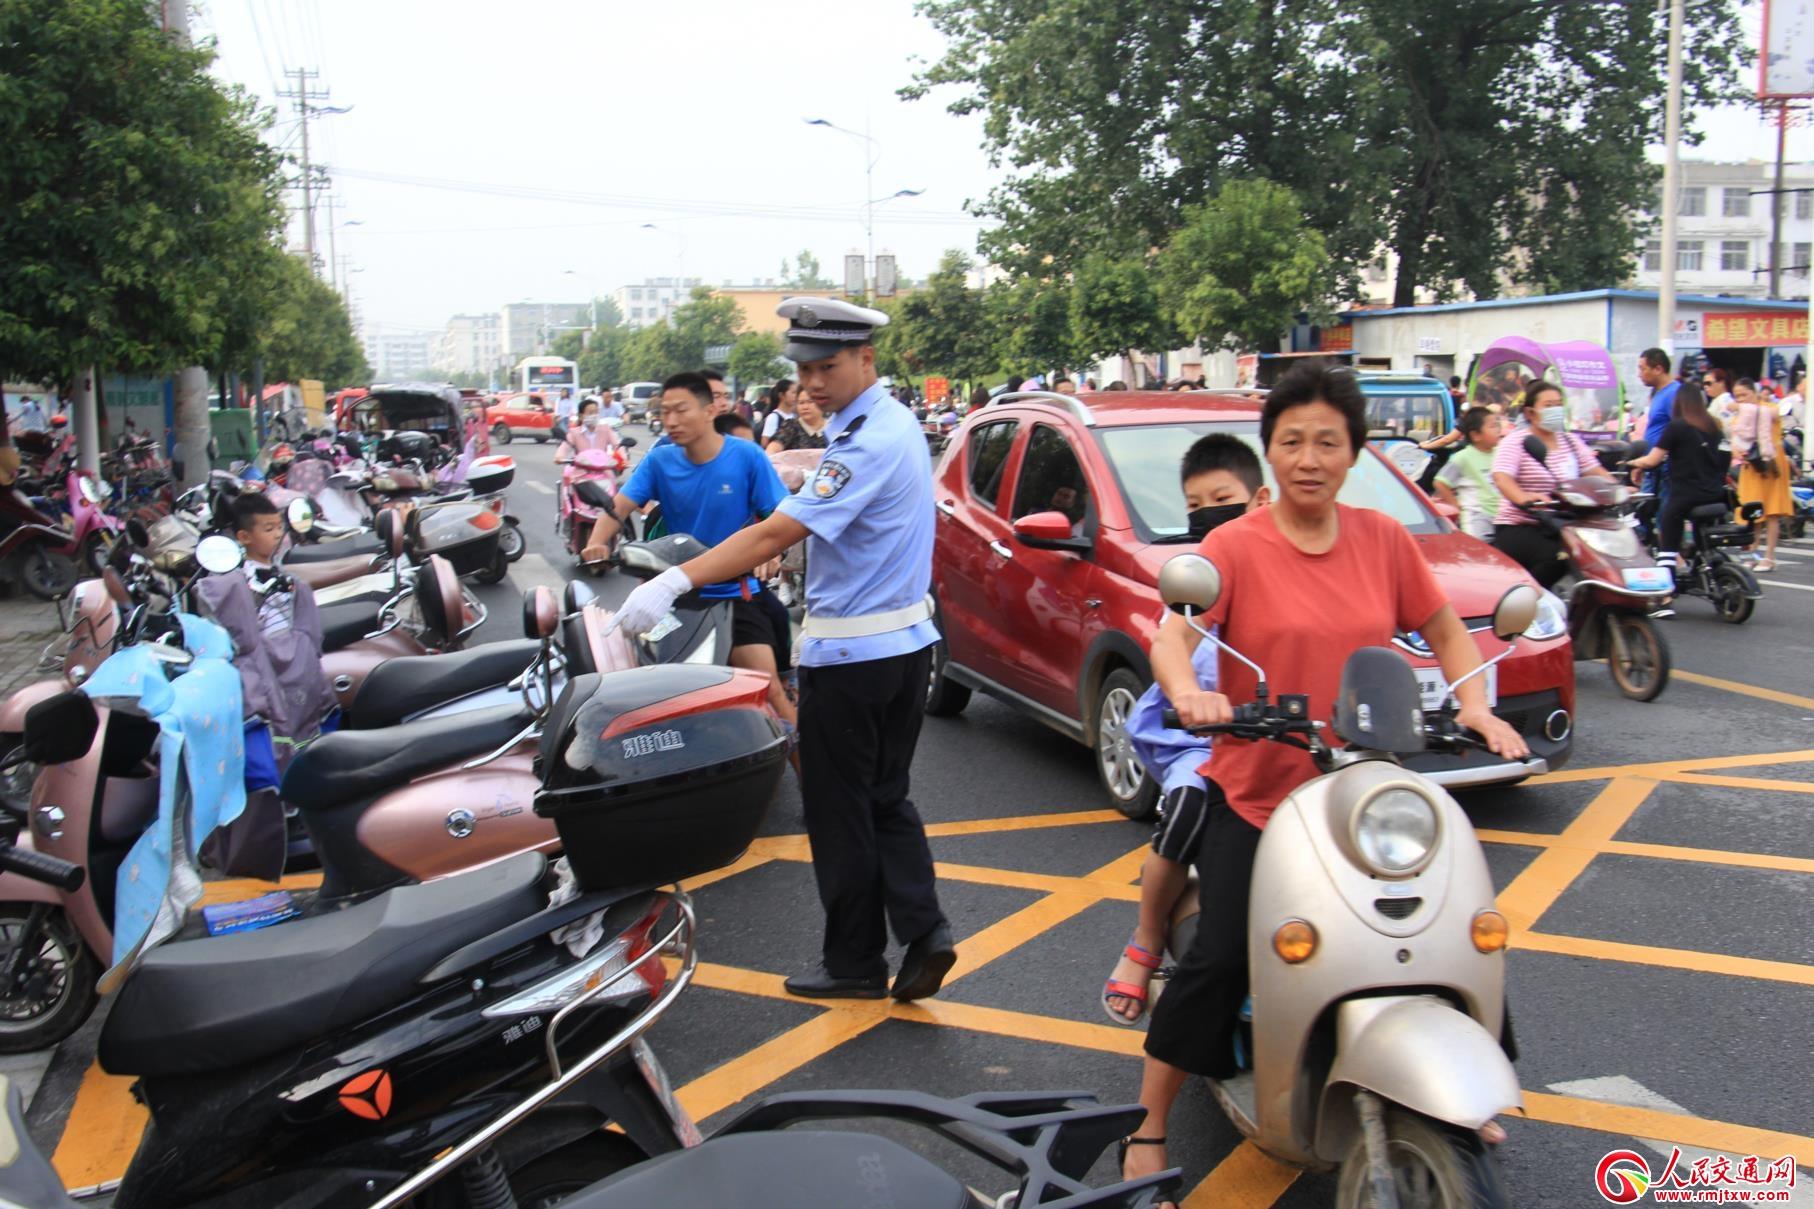 河南淮滨:秋季开学第一天公安民警上岗守护安全(组图)